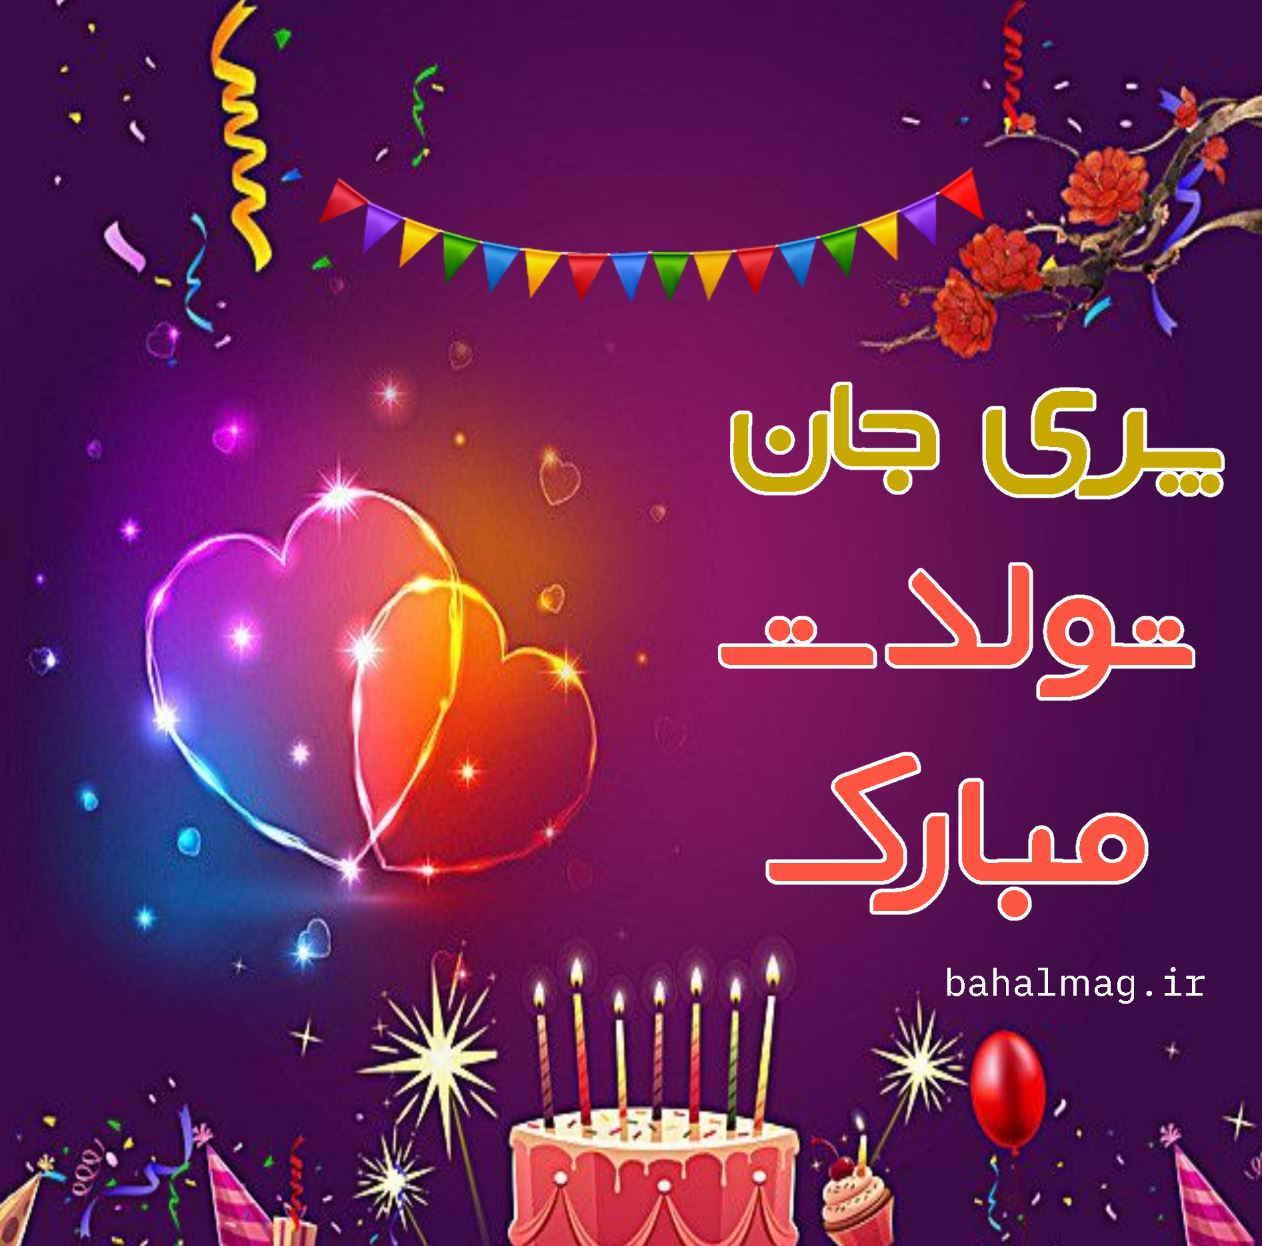 پری جان تولدت مبارک باد